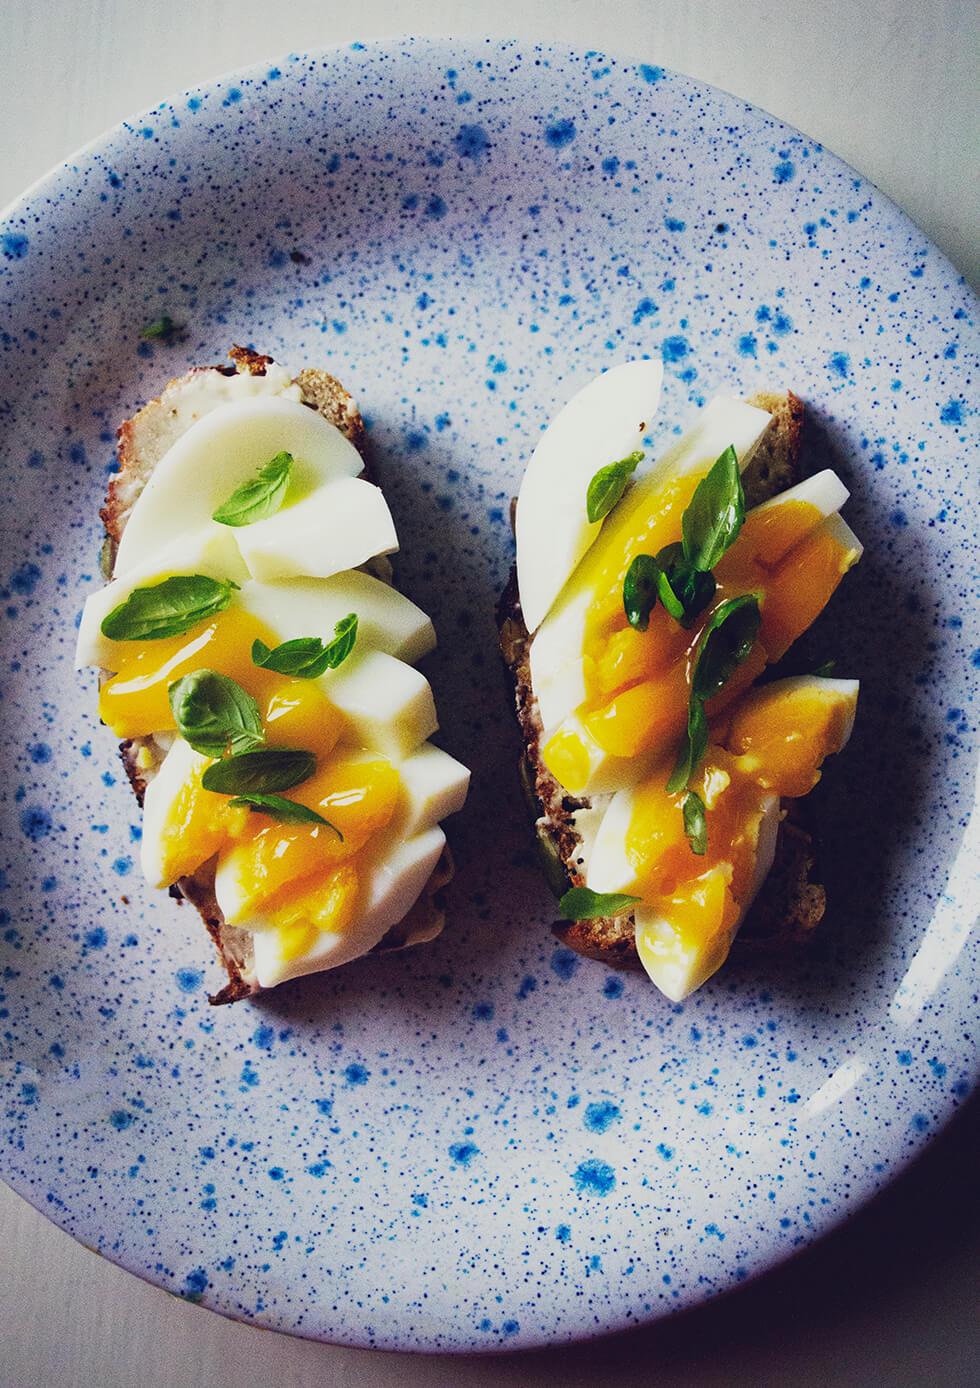 glutenfritt_bröd_bakat_på_bovete_och_kokosmjöl